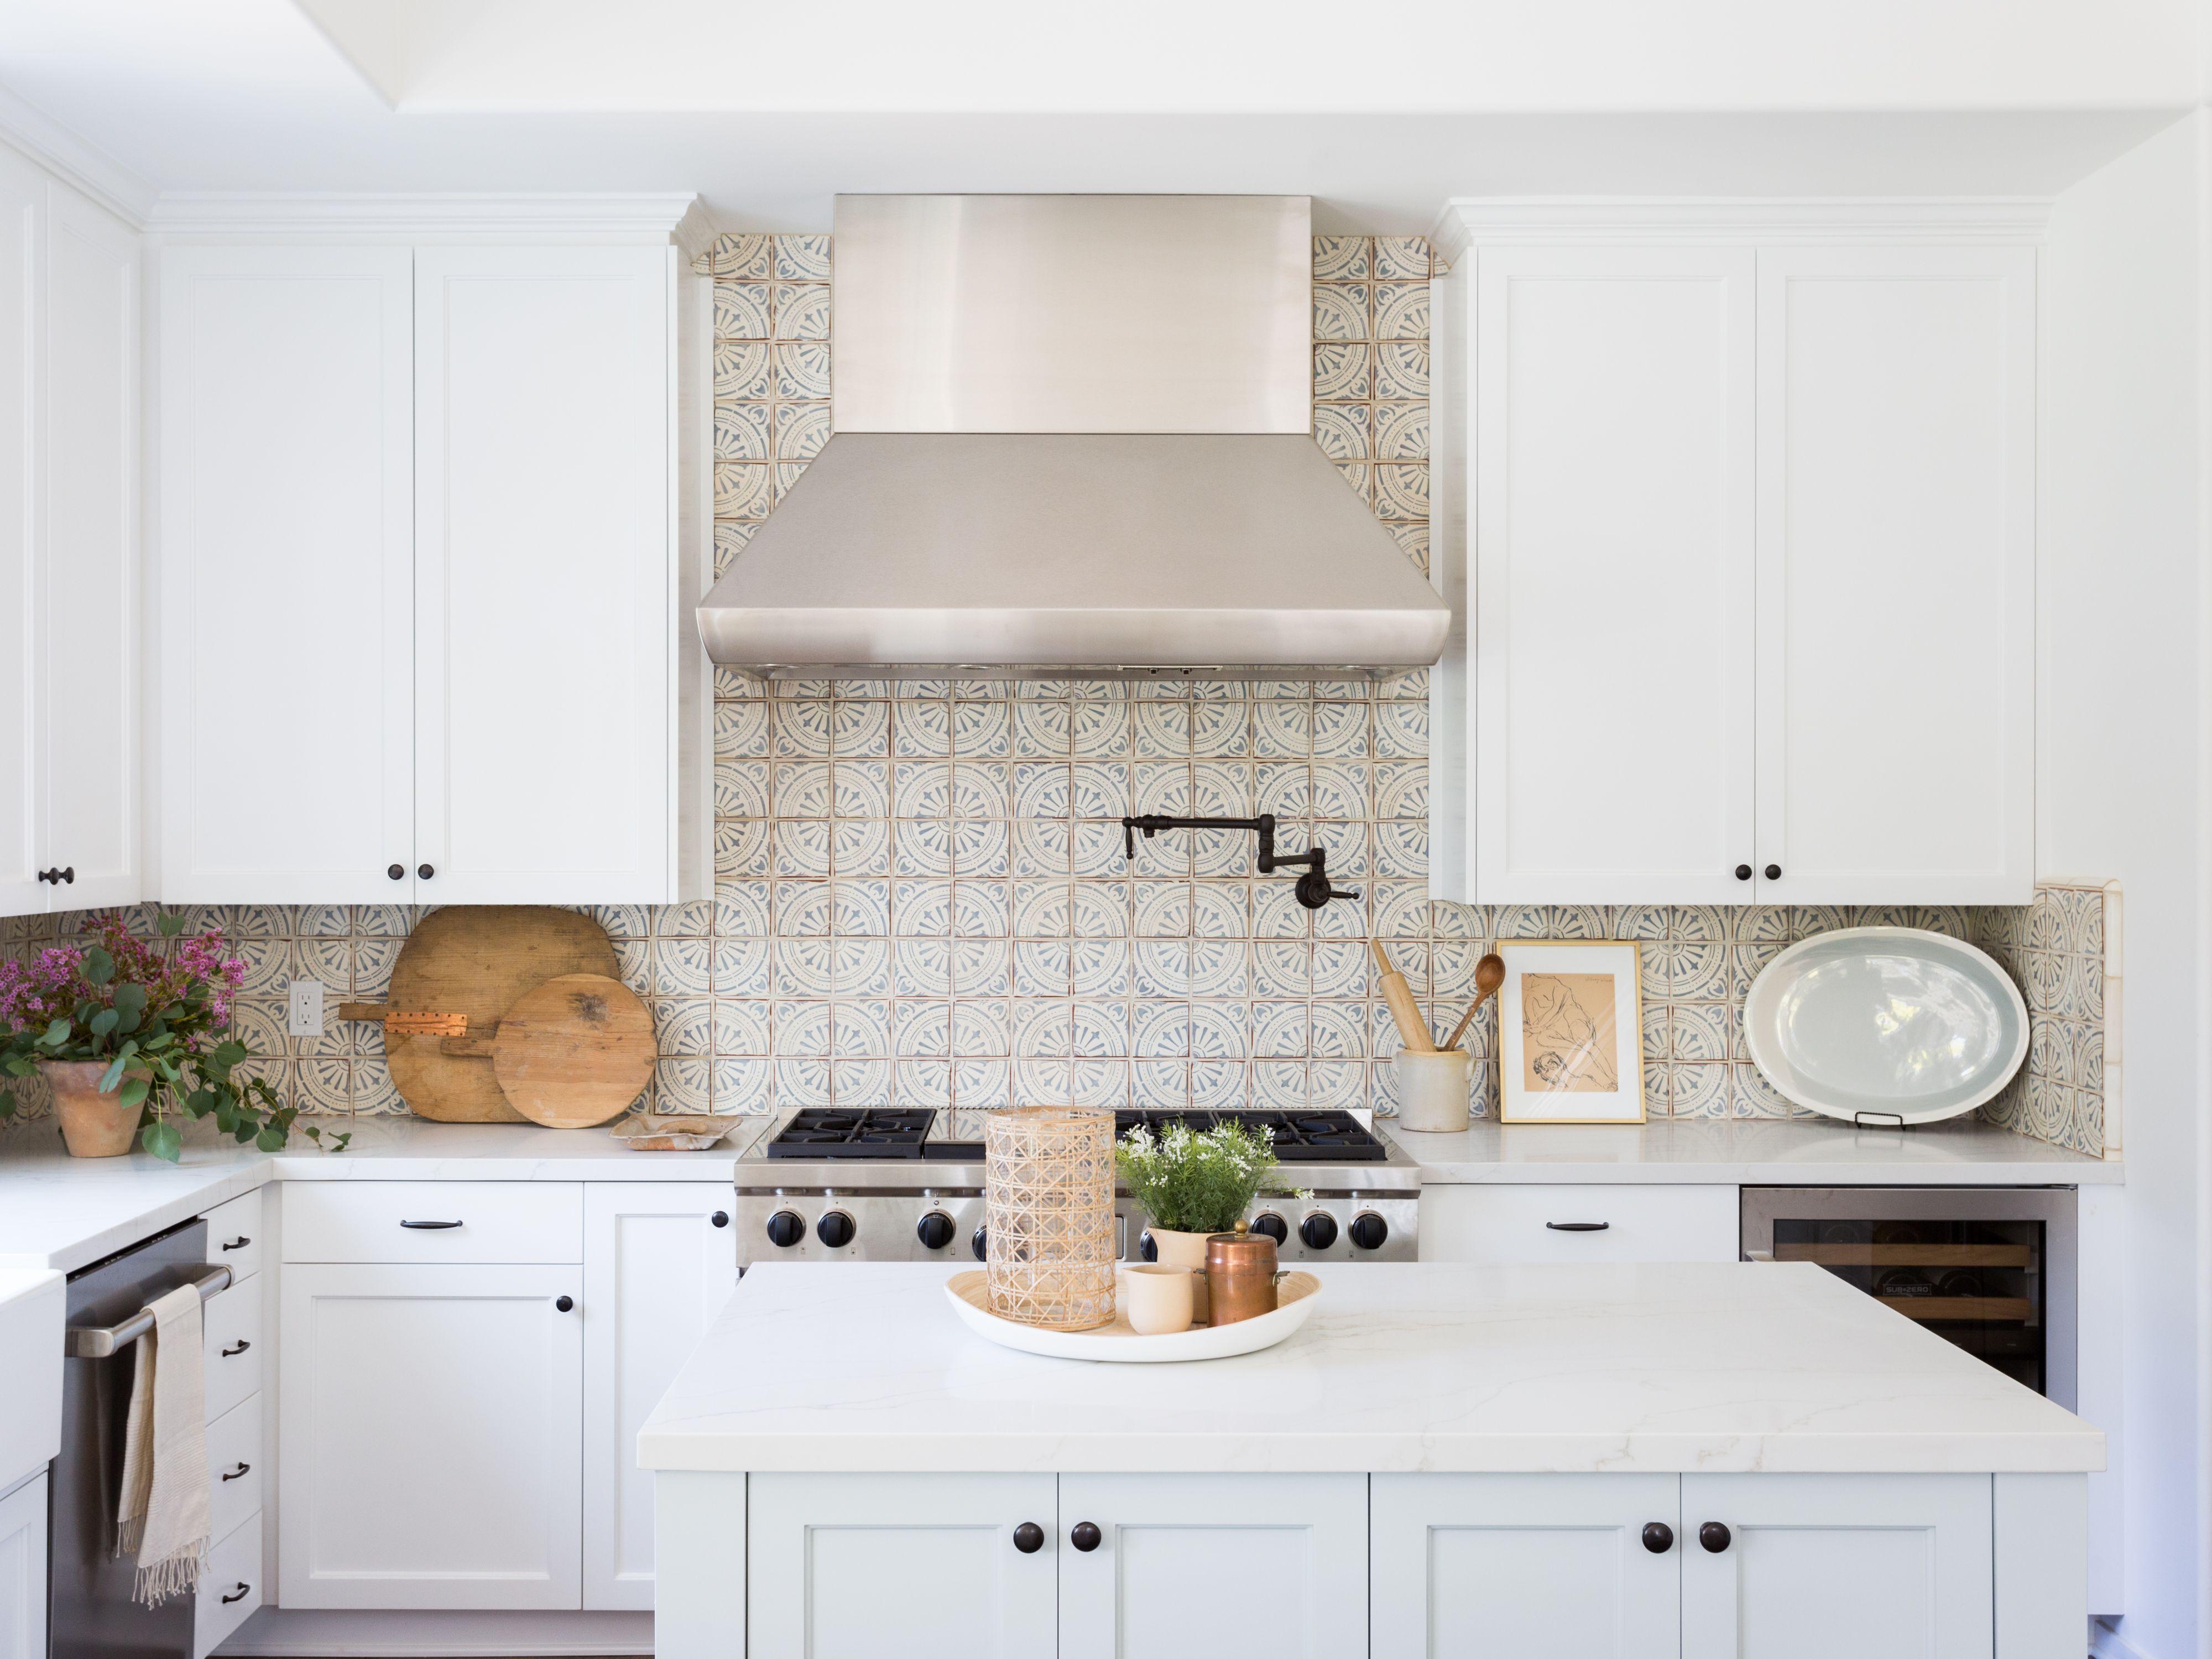 27 Kitchen Tile Backsplash Ideas We Love